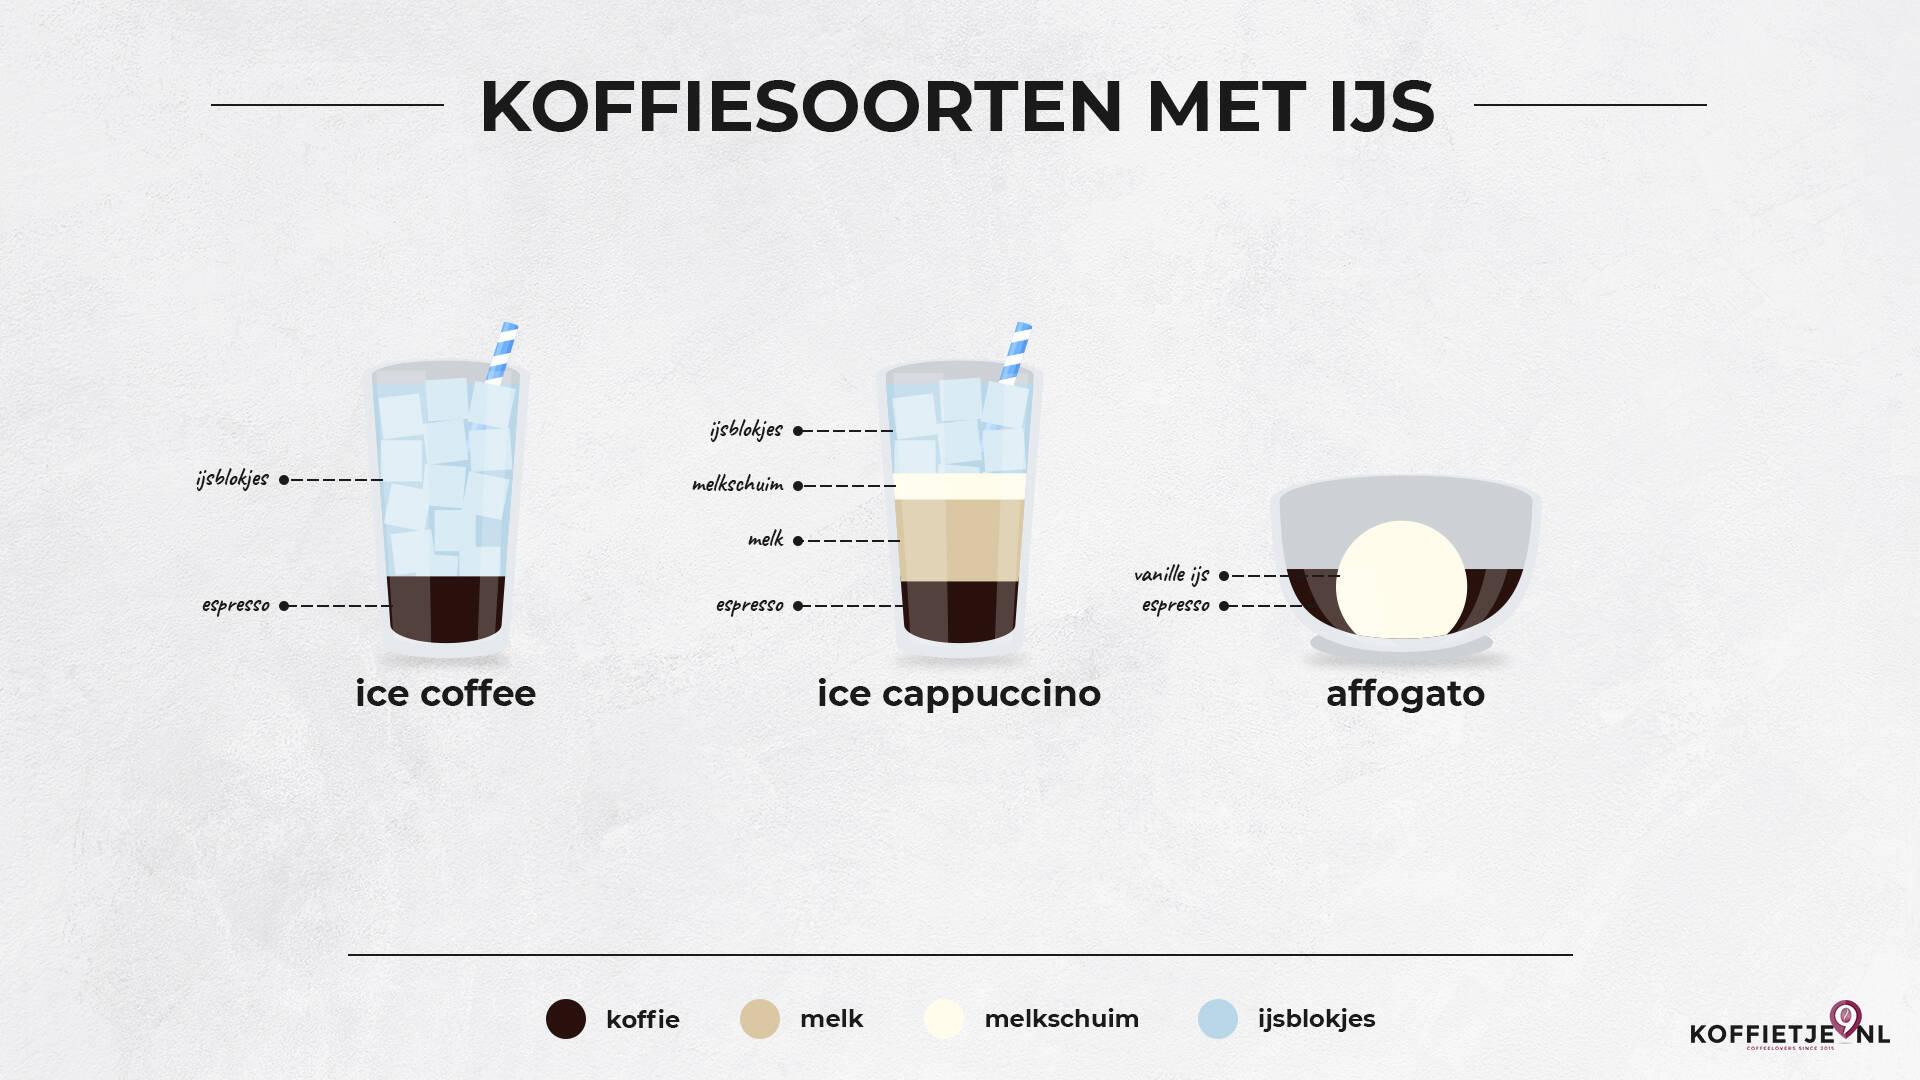 Koffiesoorten met ijs